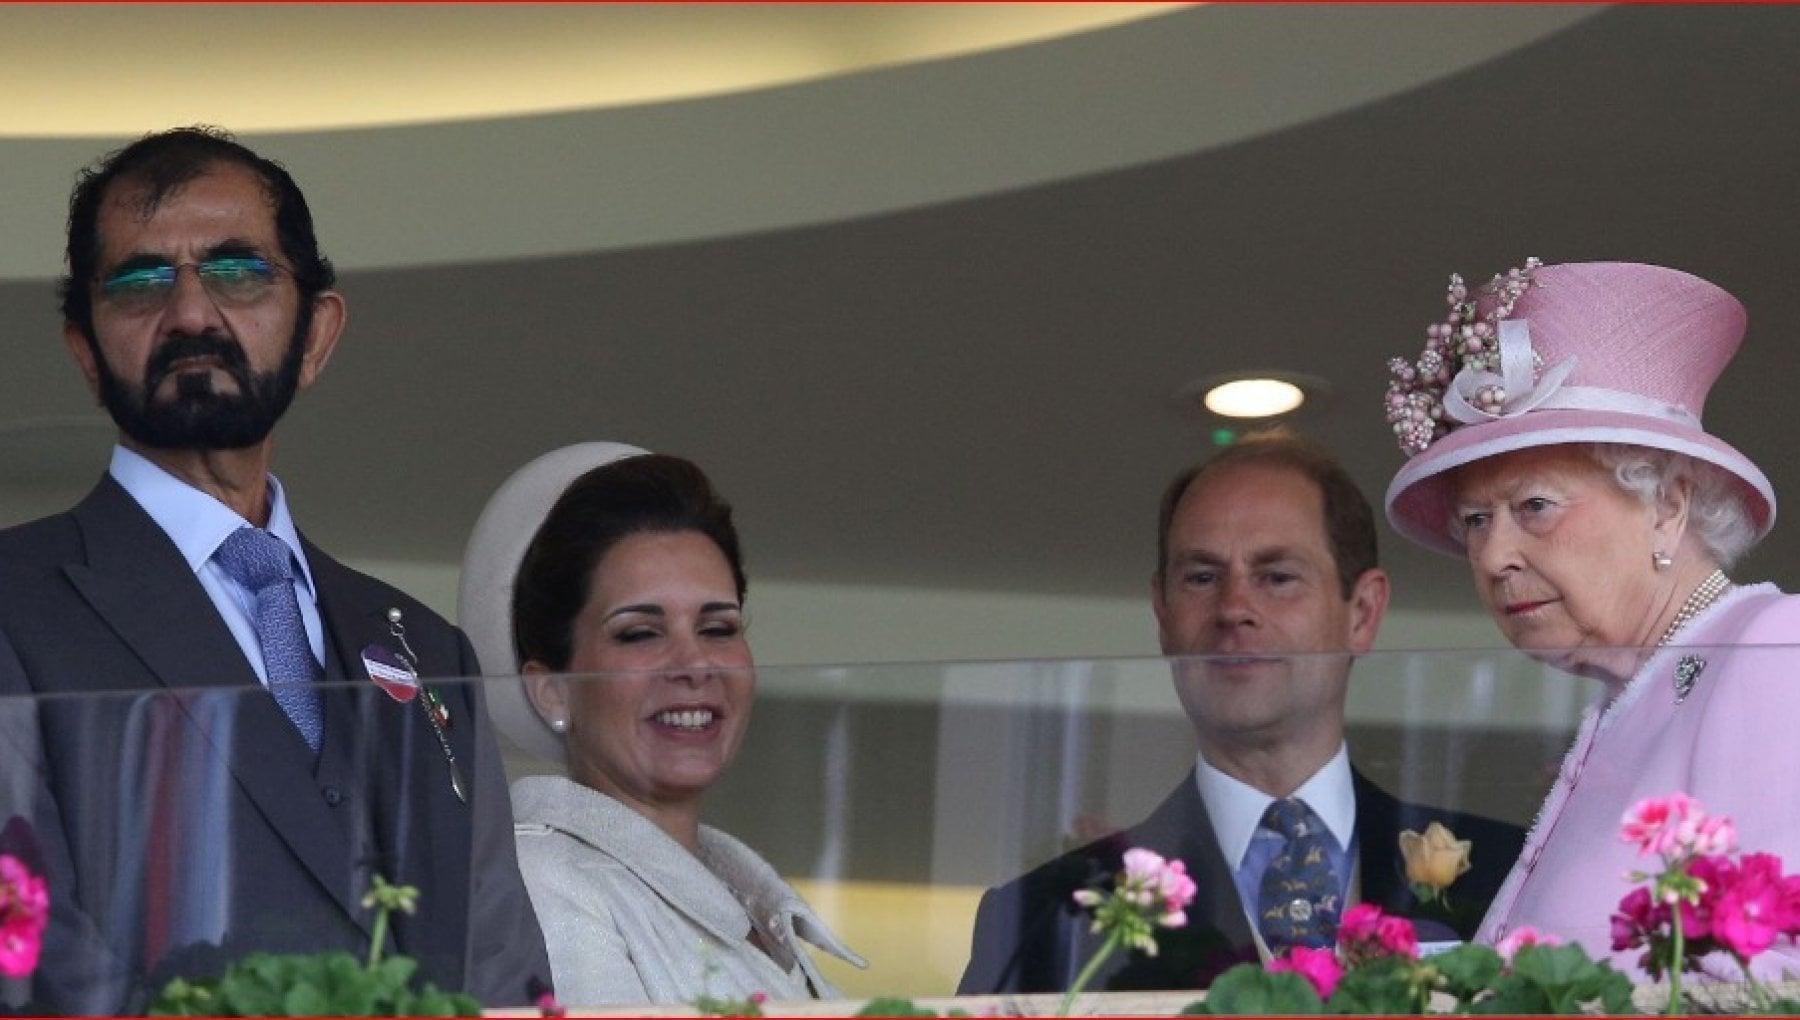 205707922 eb7329a8 98ee 4736 8bb3 57f57e7fb91c - L'emiro e la principessa con la passione segreta per il suo bodyguard